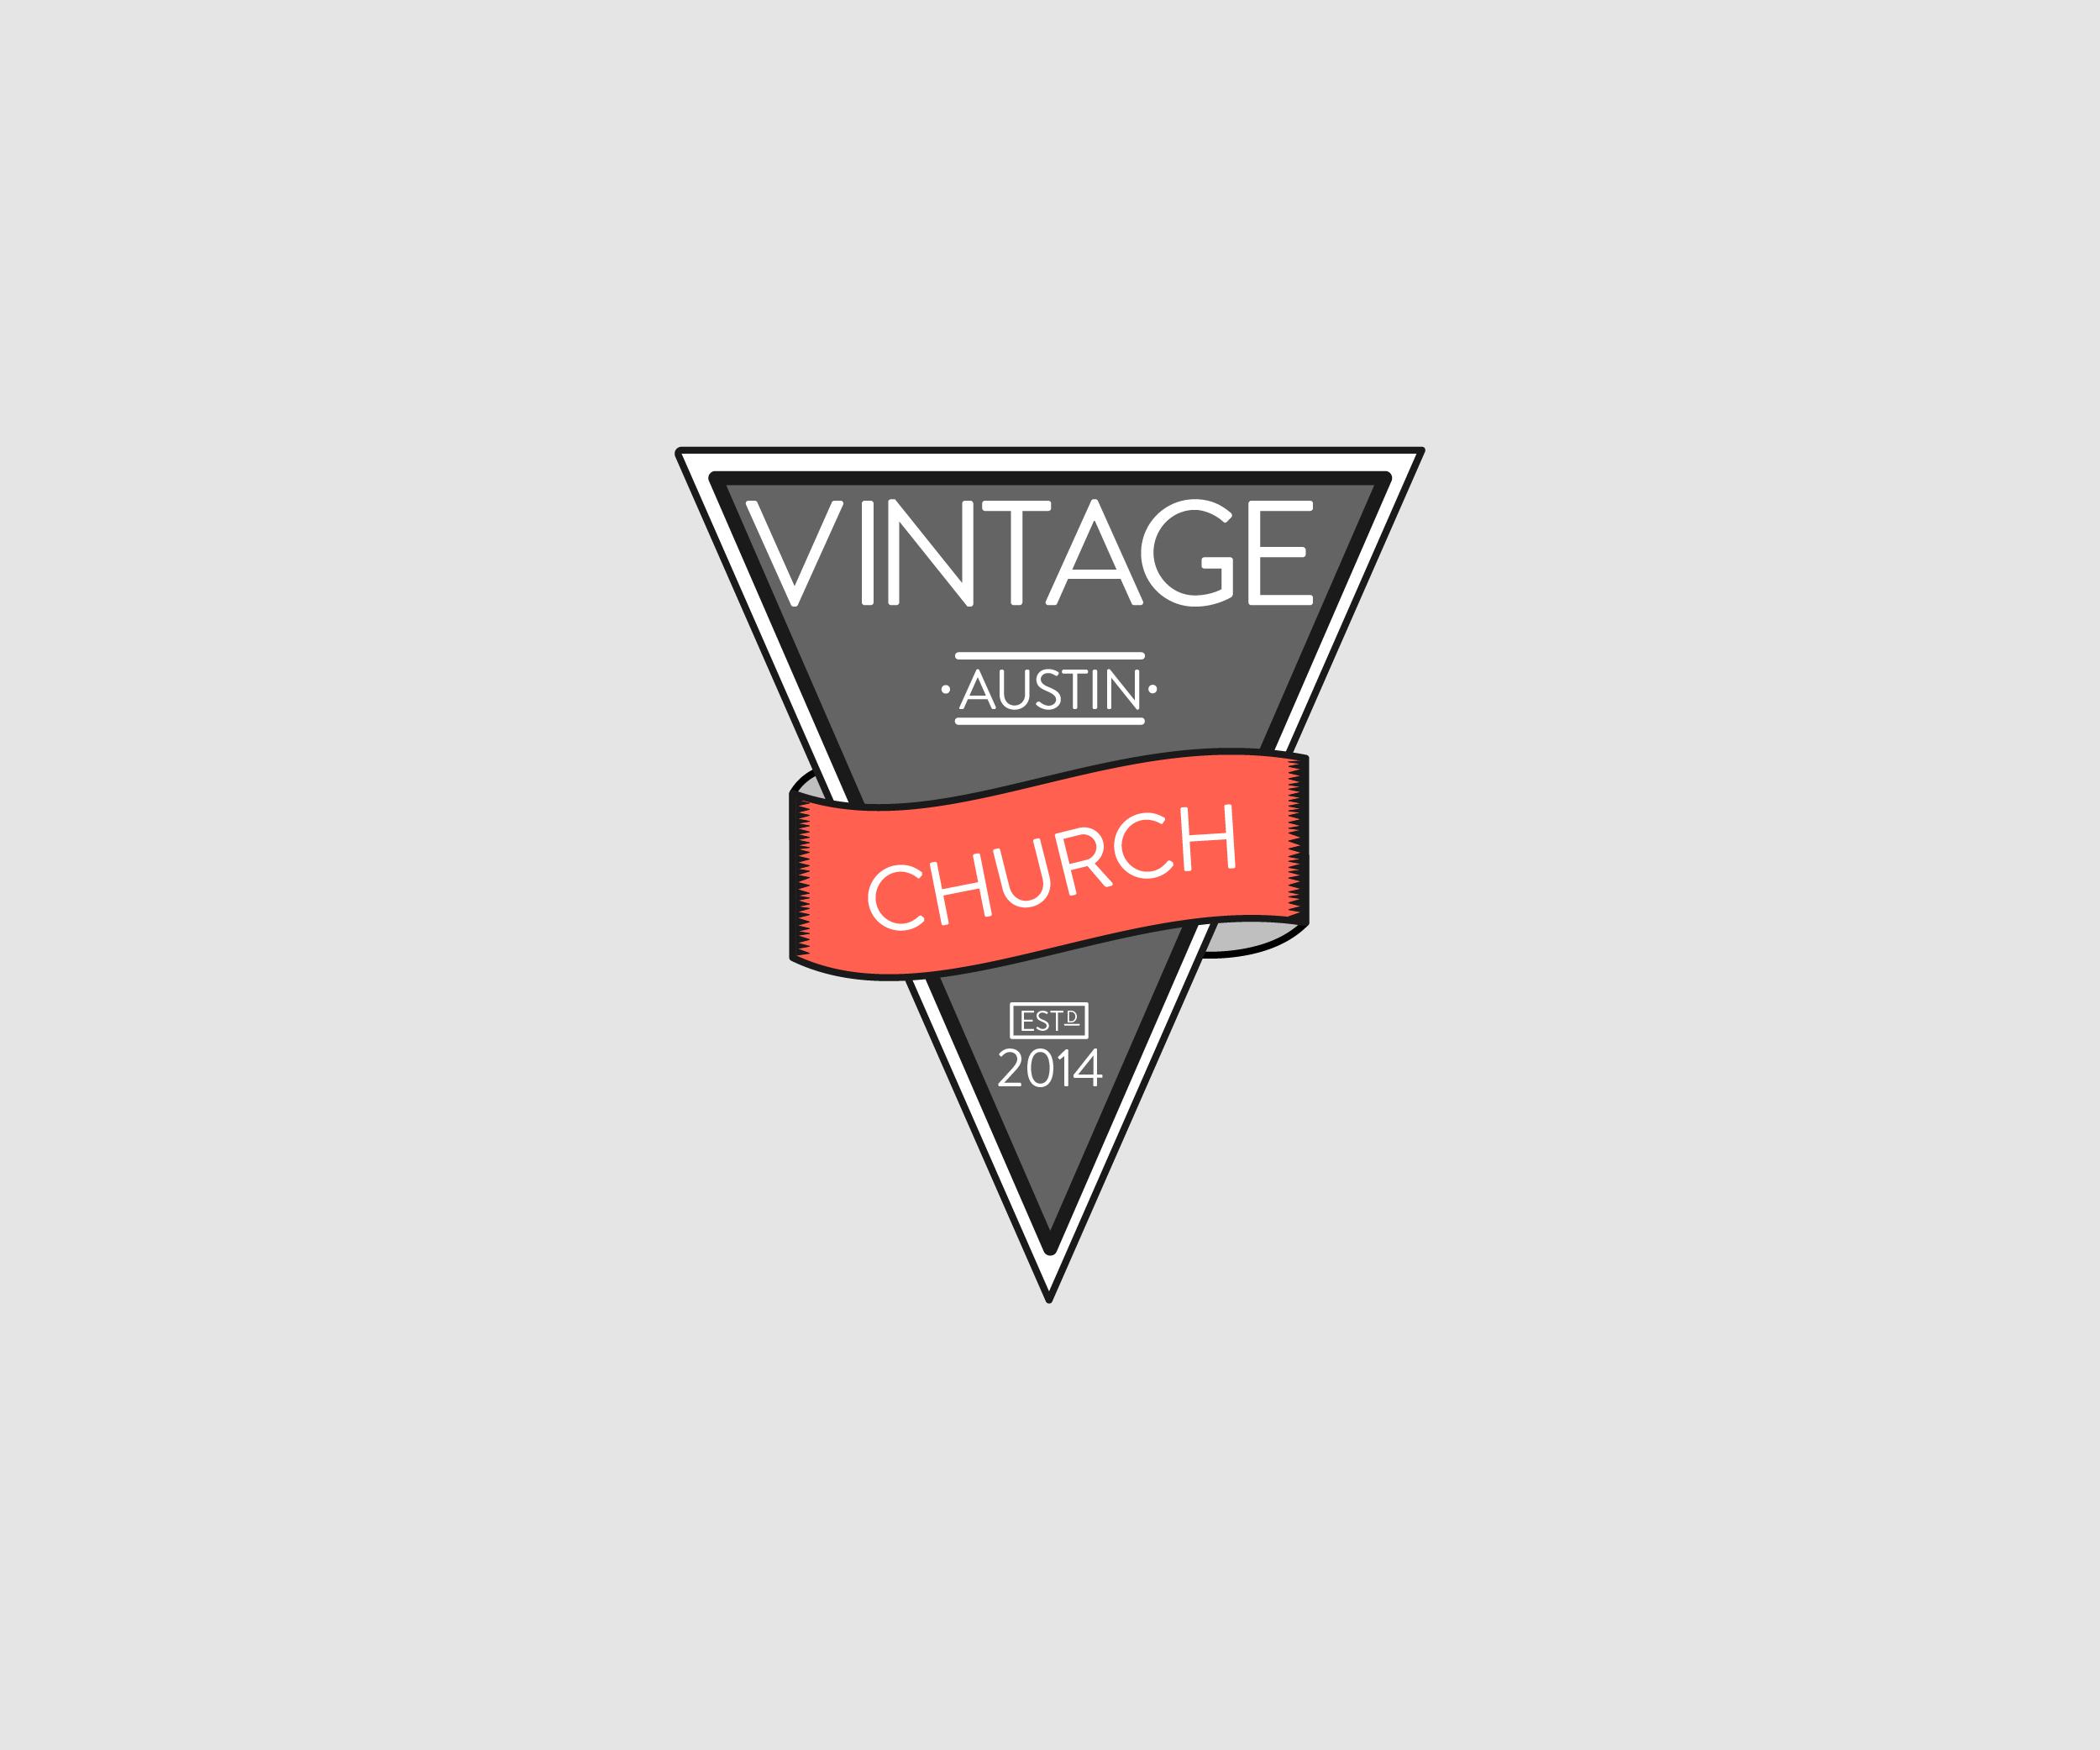 Vintage Church   A church launching in Austin's Circle C.